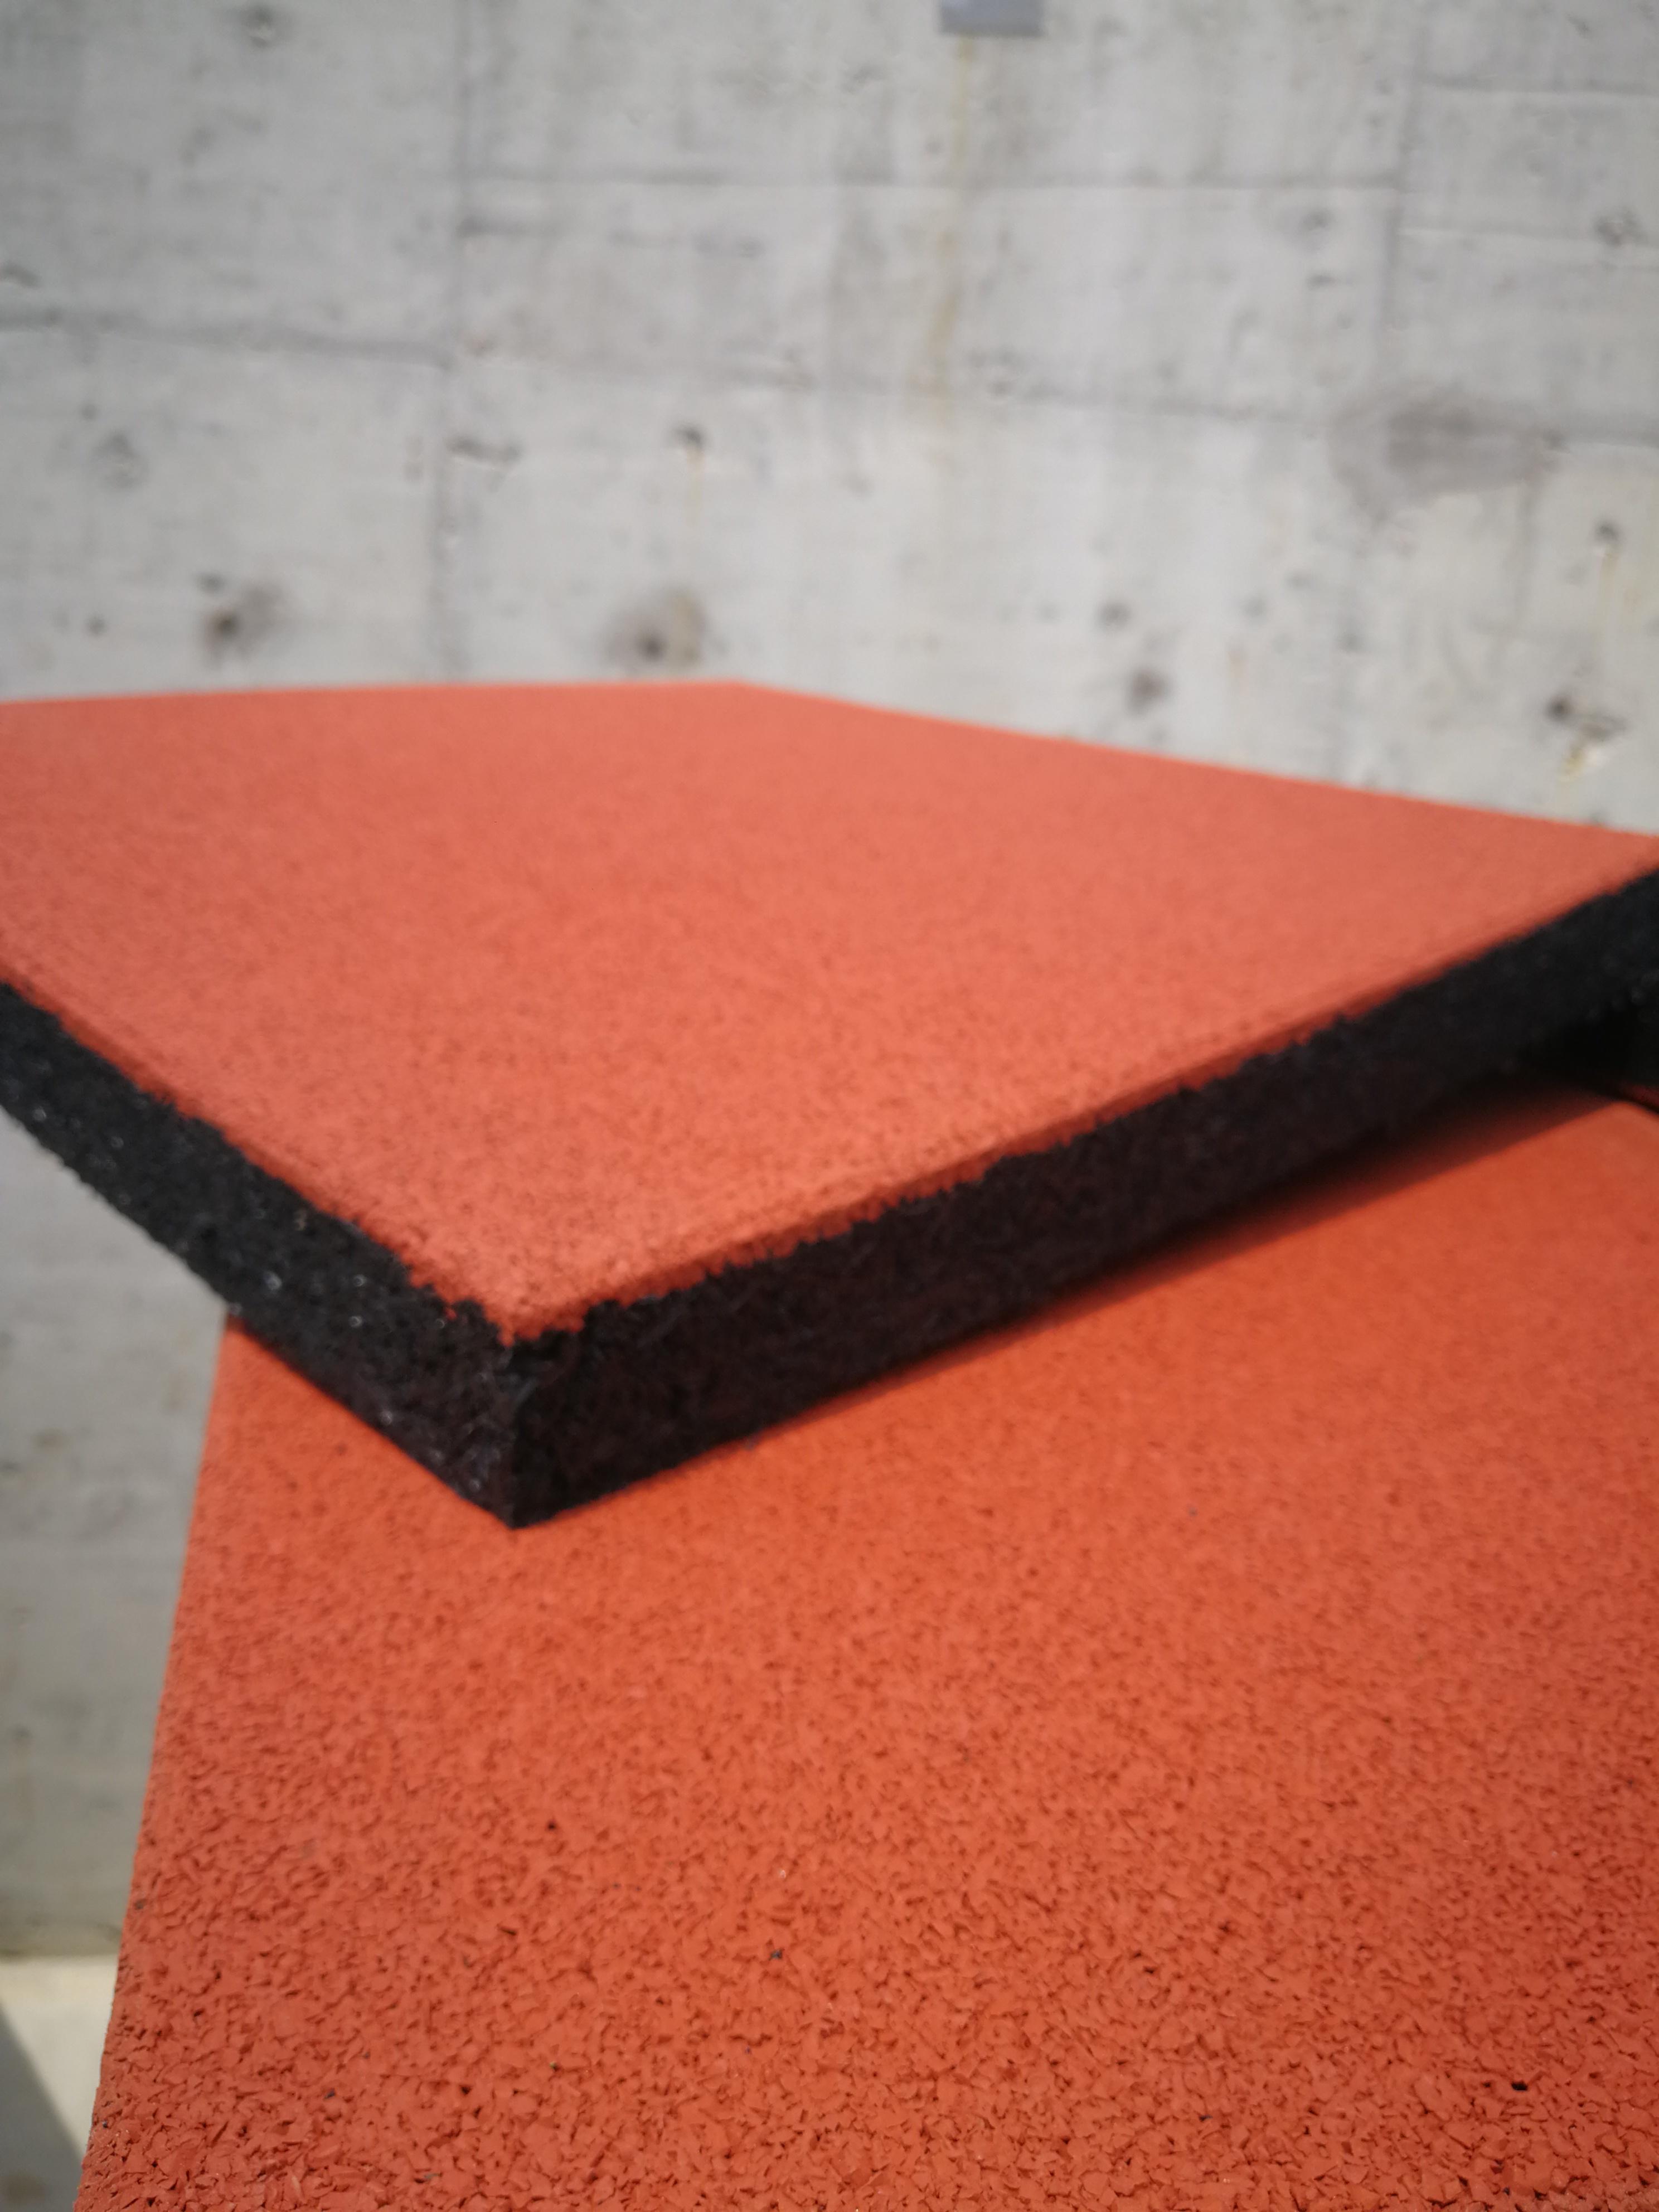 Racecourse rubber runway composite mat Manufacturers, Racecourse rubber runway composite mat Factory, Racecourse rubber runway composite mat